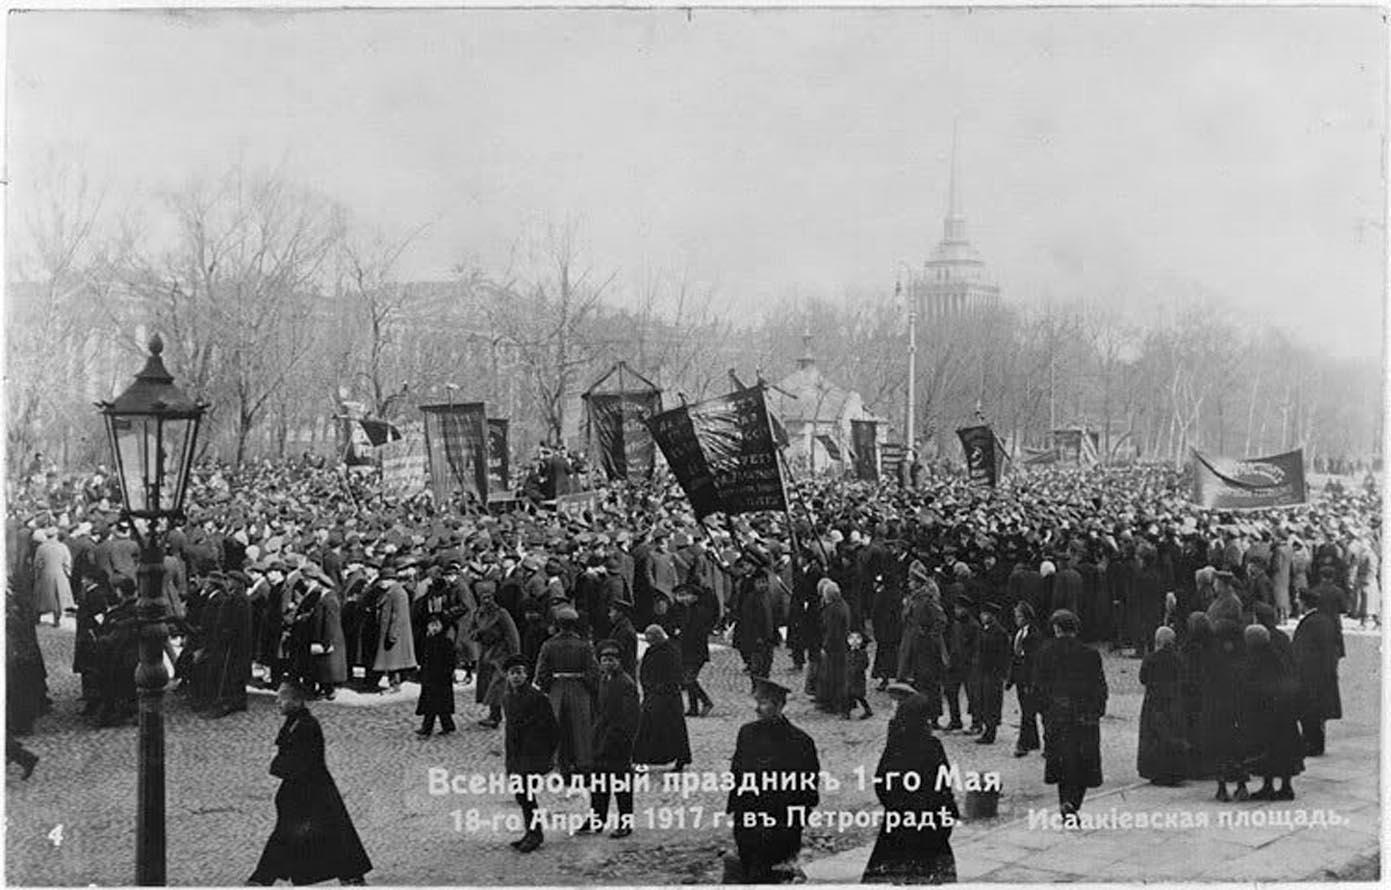 26Всенародный праздник 1-го Мая, 18 апреля 1917 г. Исакиевская площадь